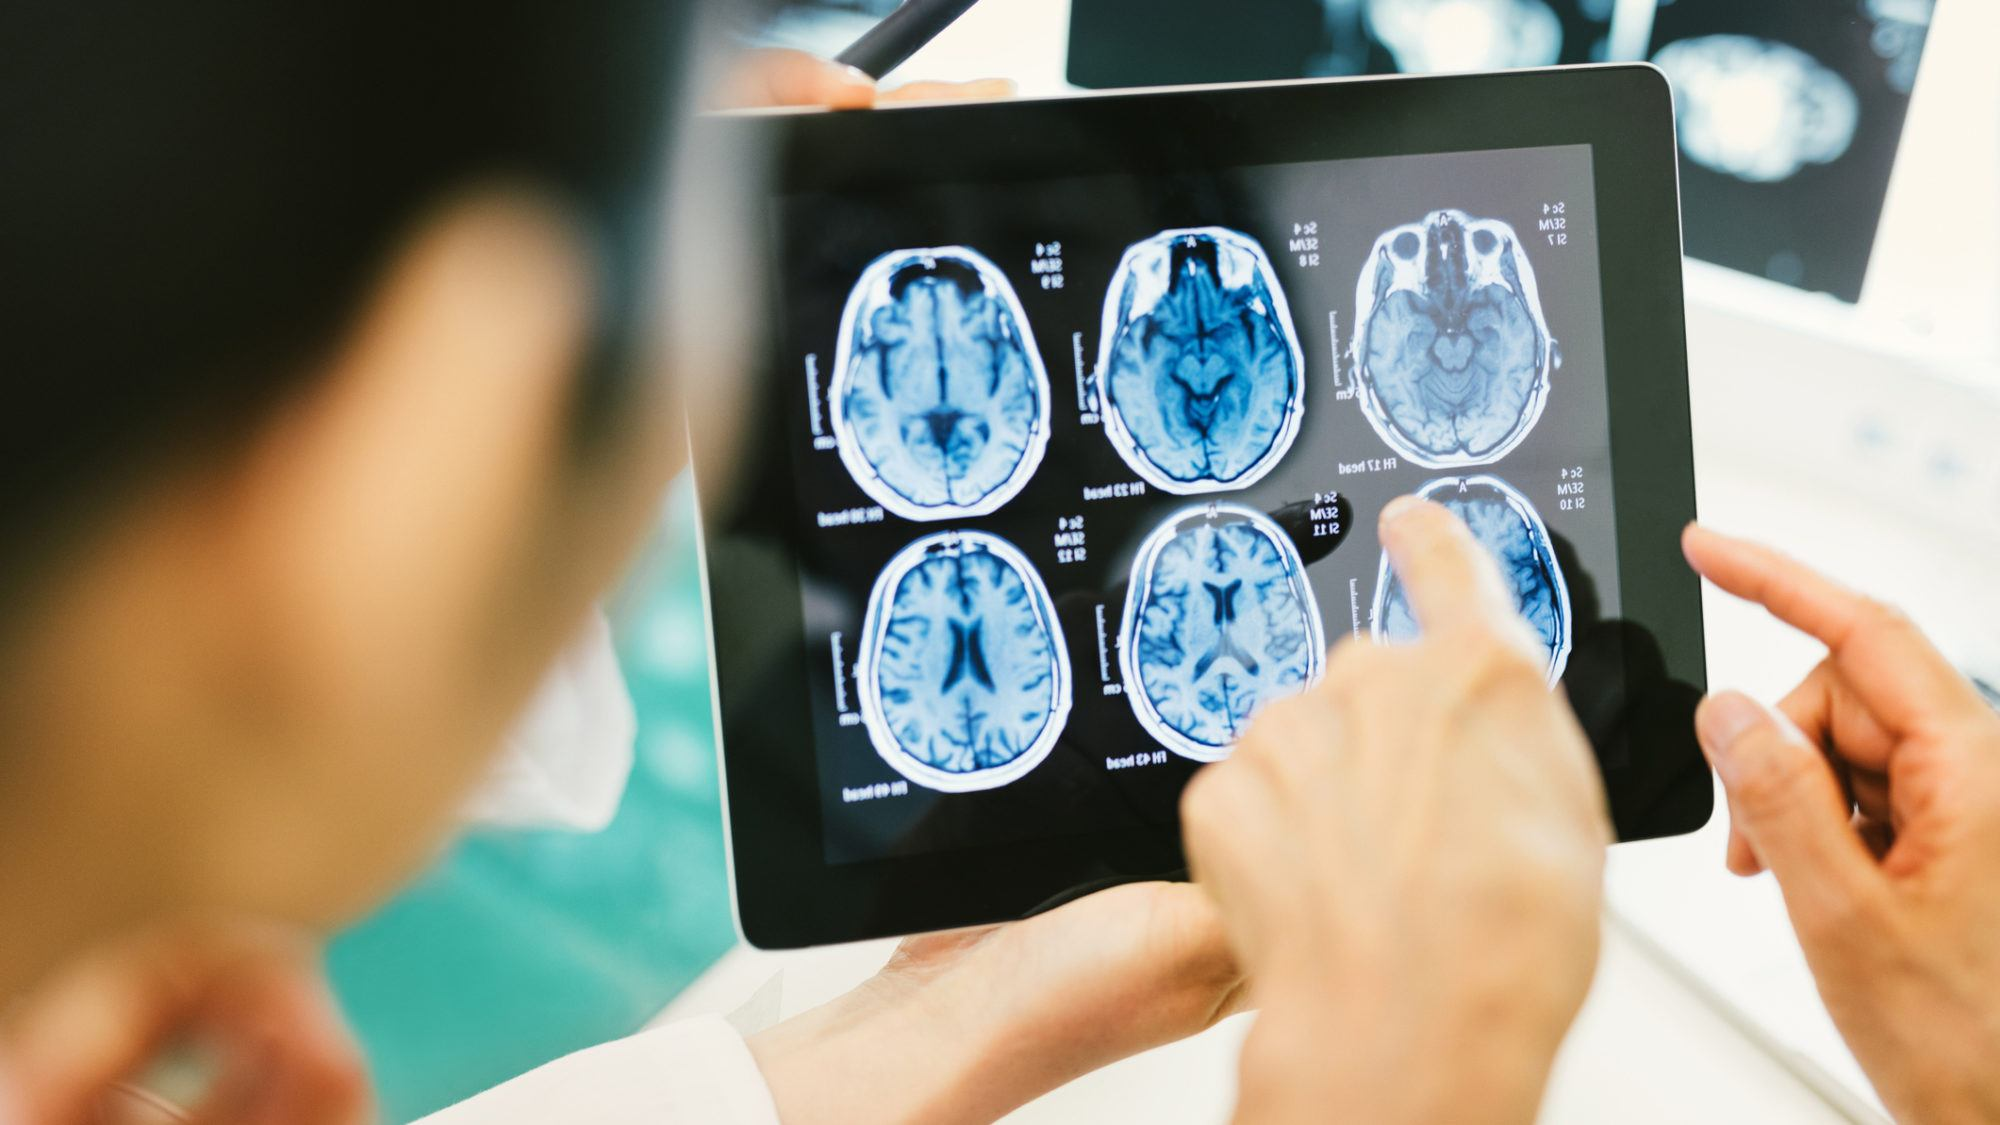 Καναδάς: Μυστηριώδες εγκεφαλικό σύνδρομο σπέρνει τον τρόμο στους κατοίκους